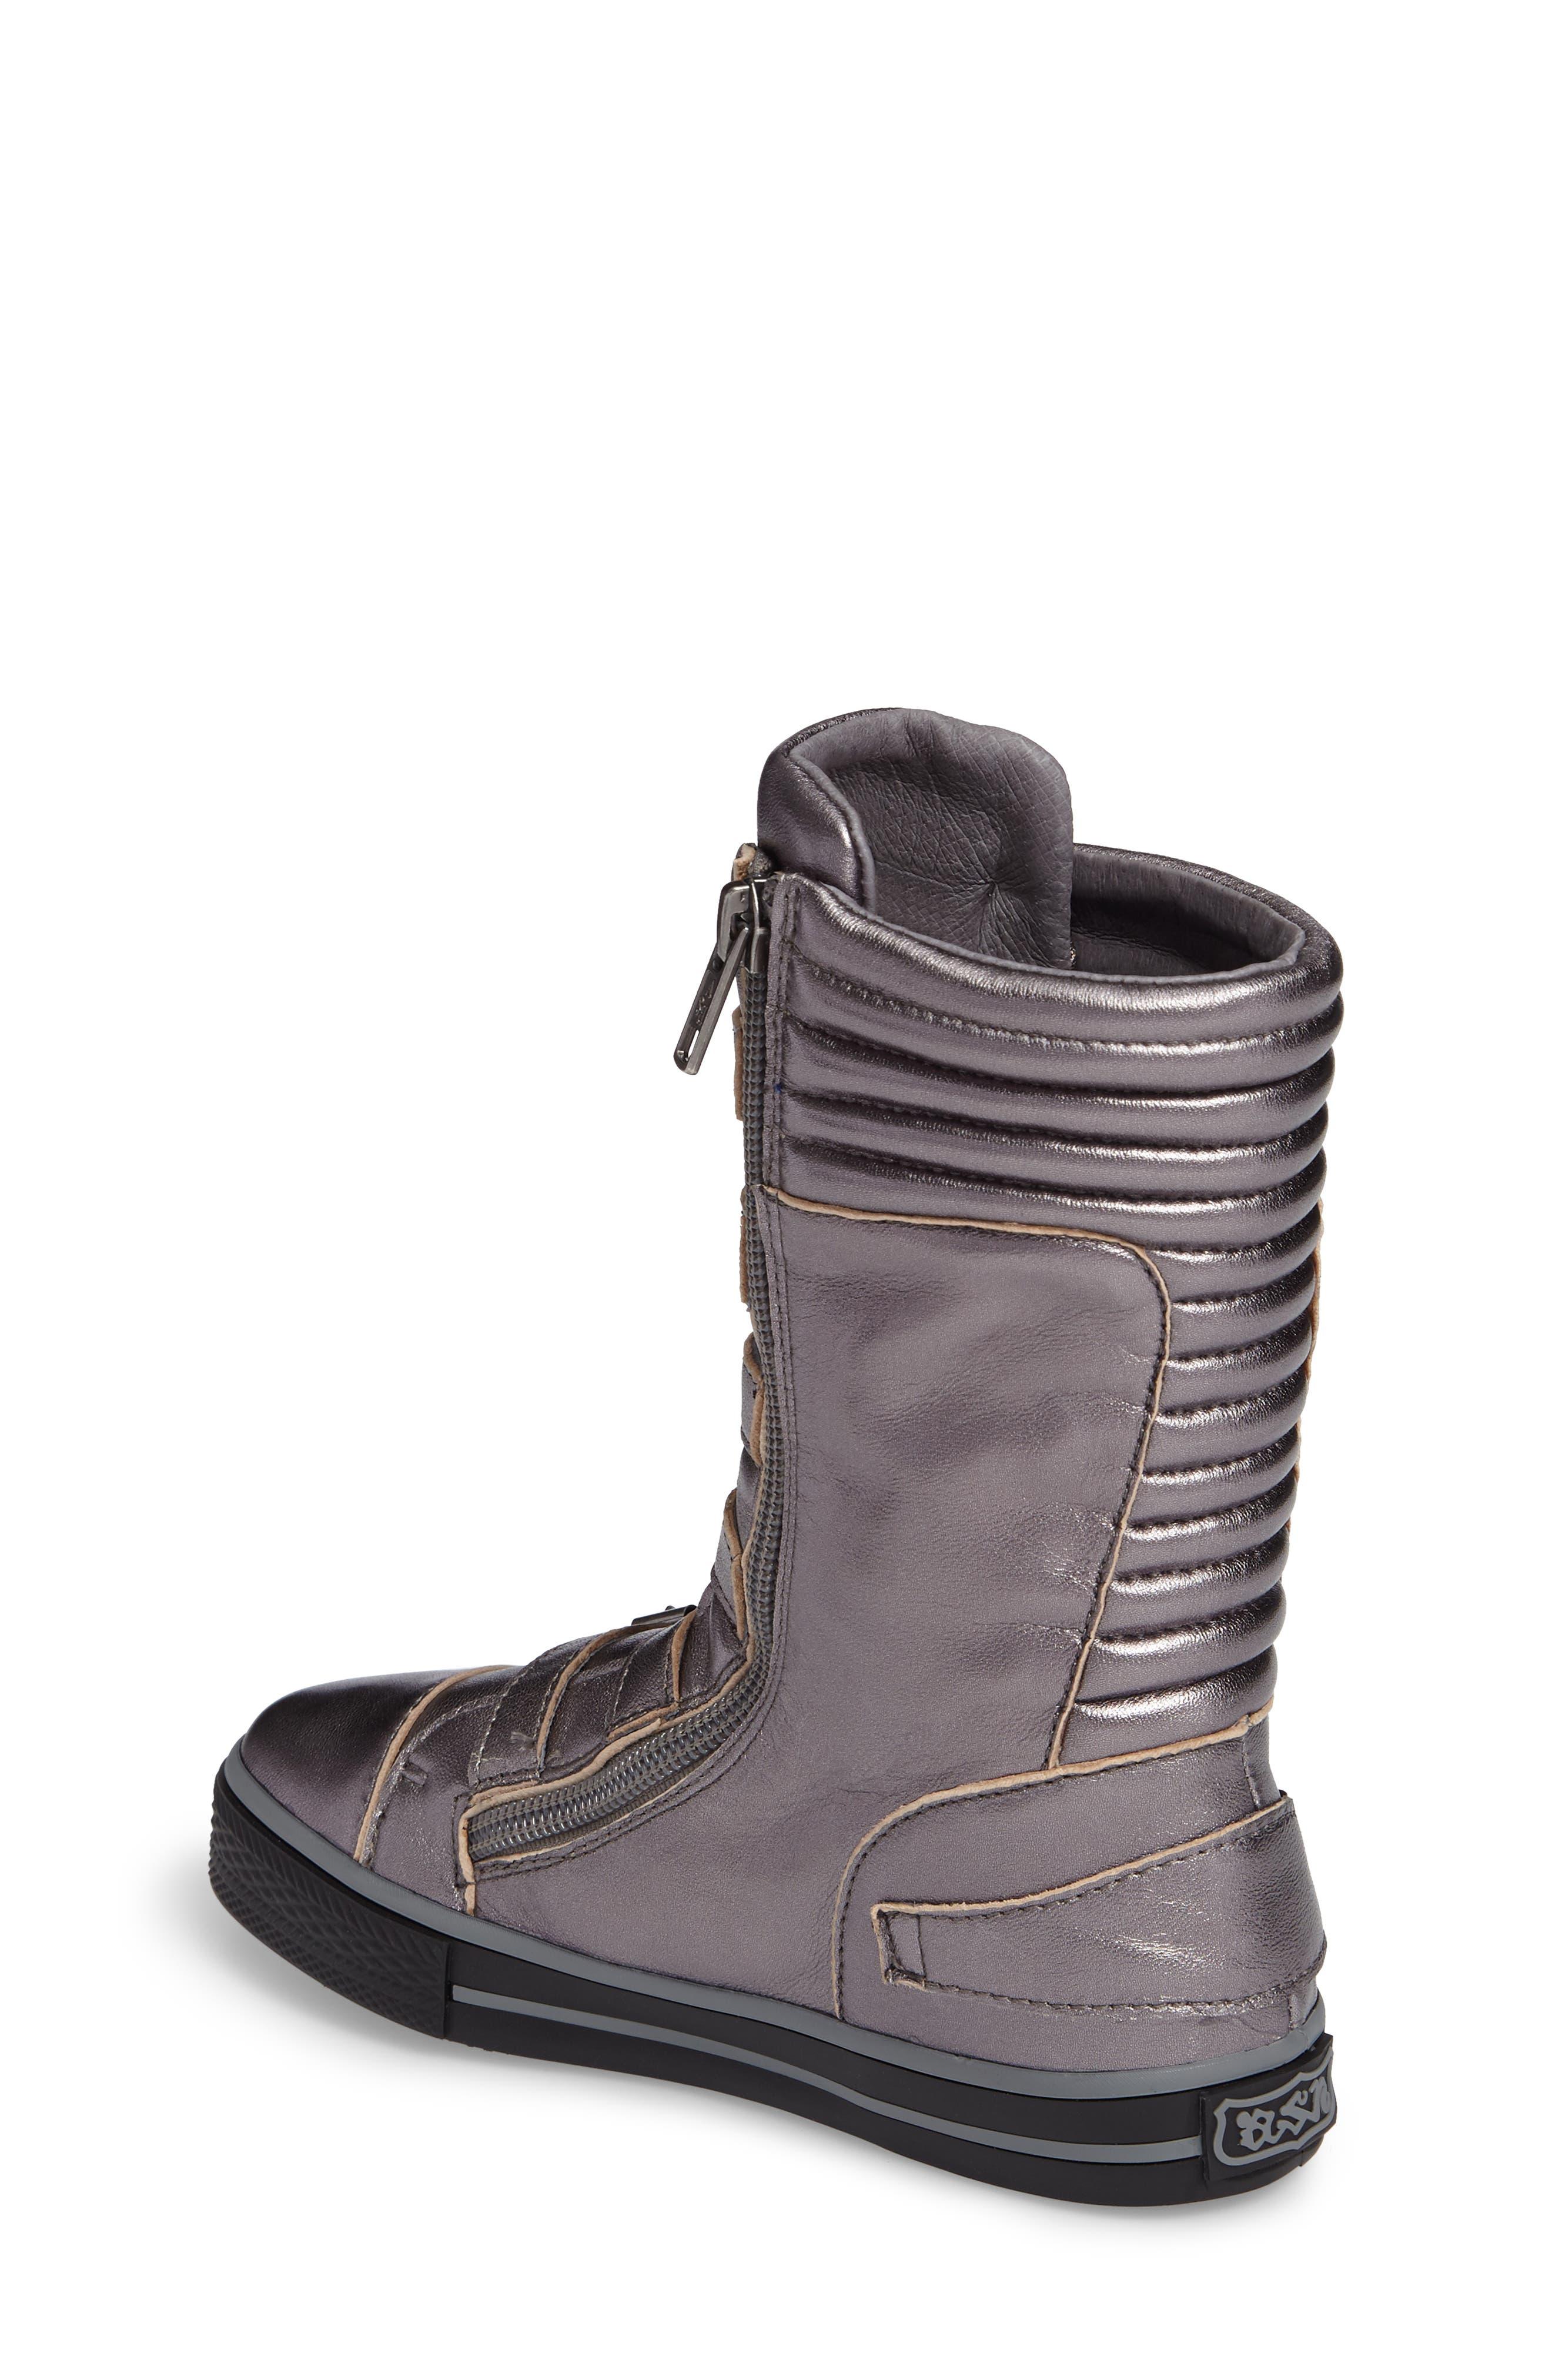 Vava Natalie Tall Sneaker Boot,                             Alternate thumbnail 2, color,                             040